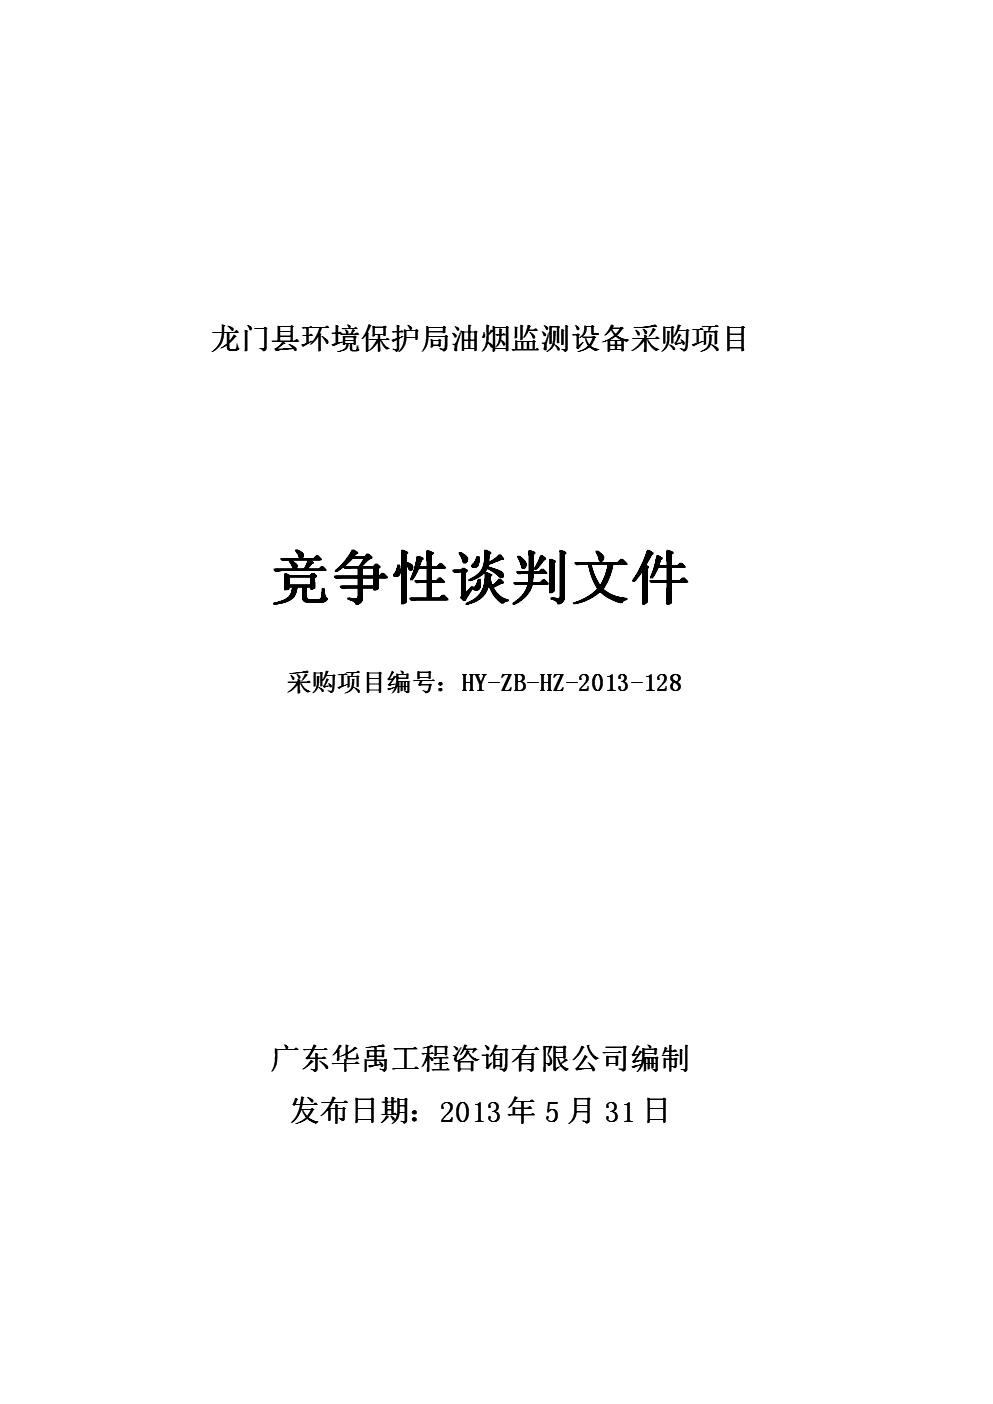 龙门市环境保护局油烟监测设备采购项目.doc